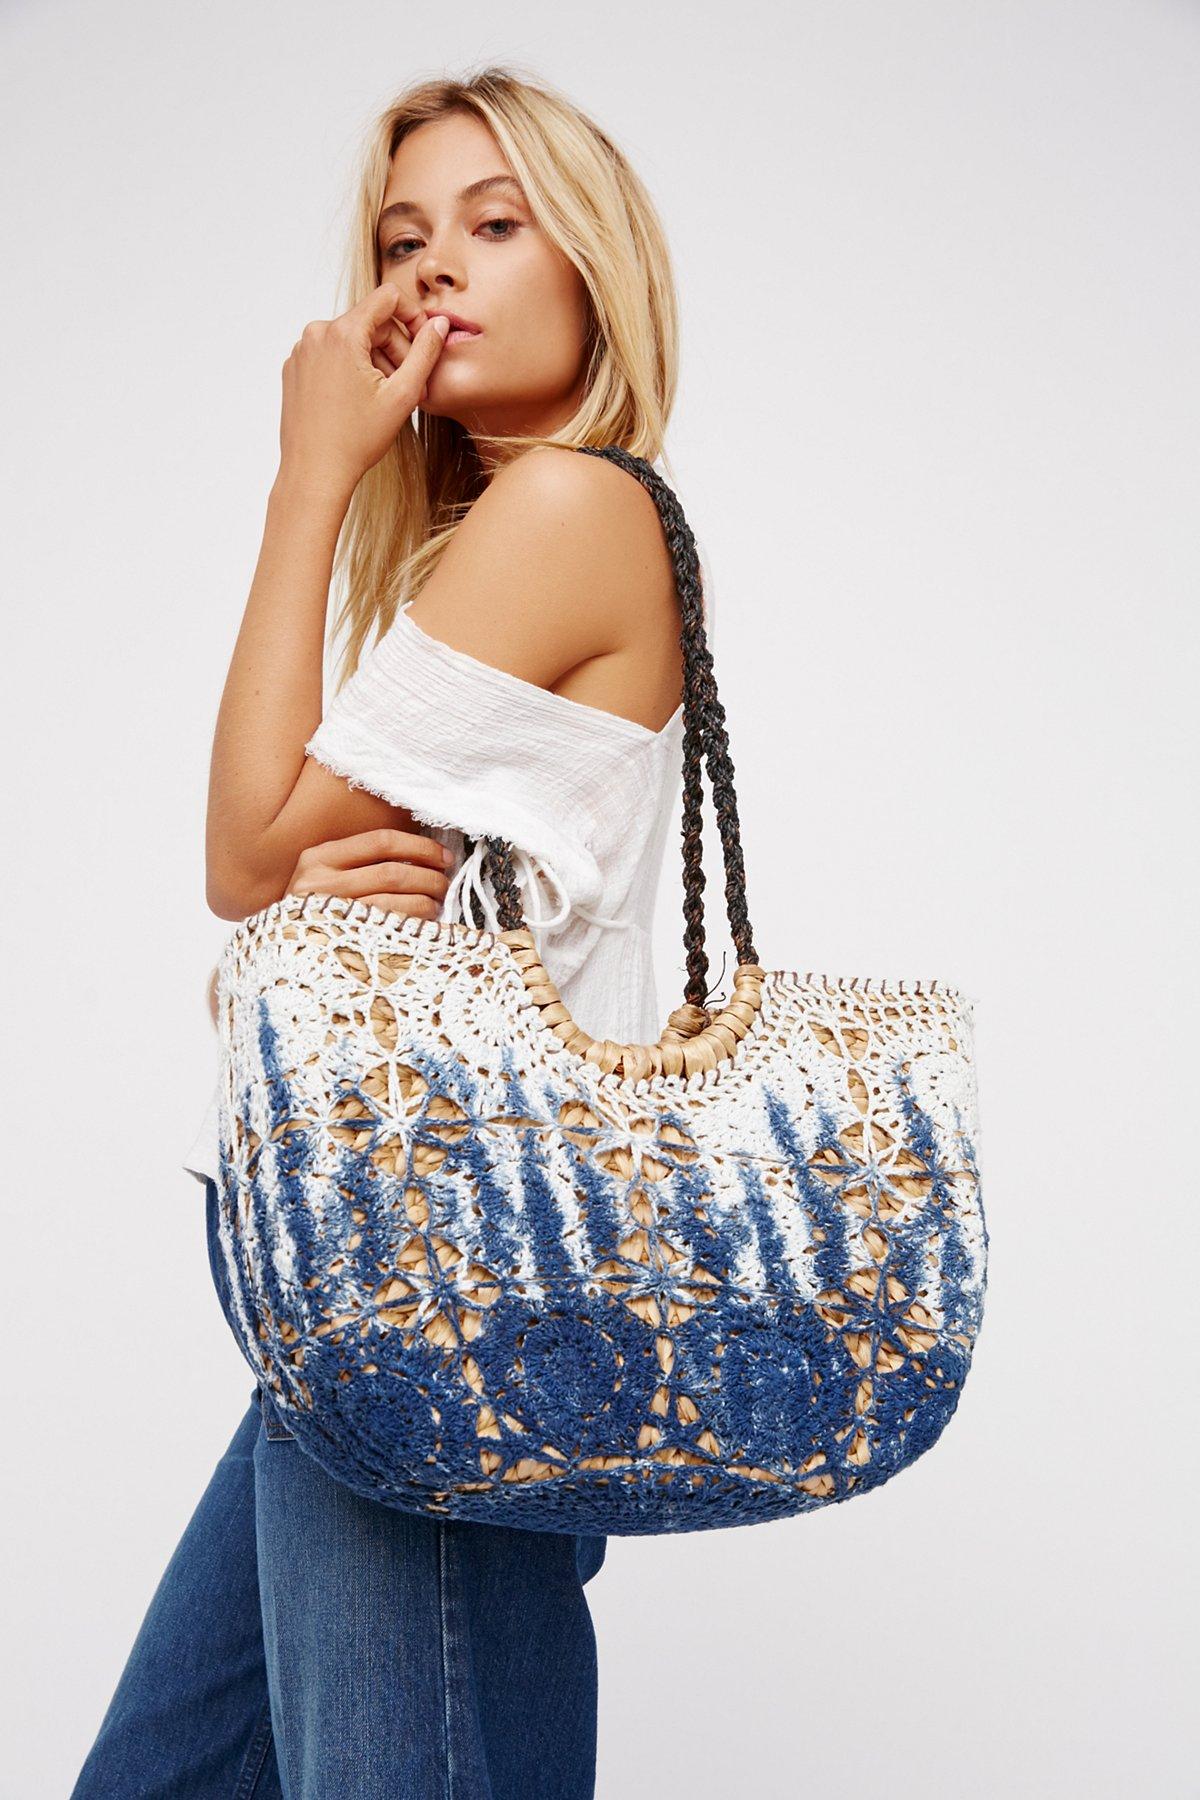 Indigo Dreams Basket Bag